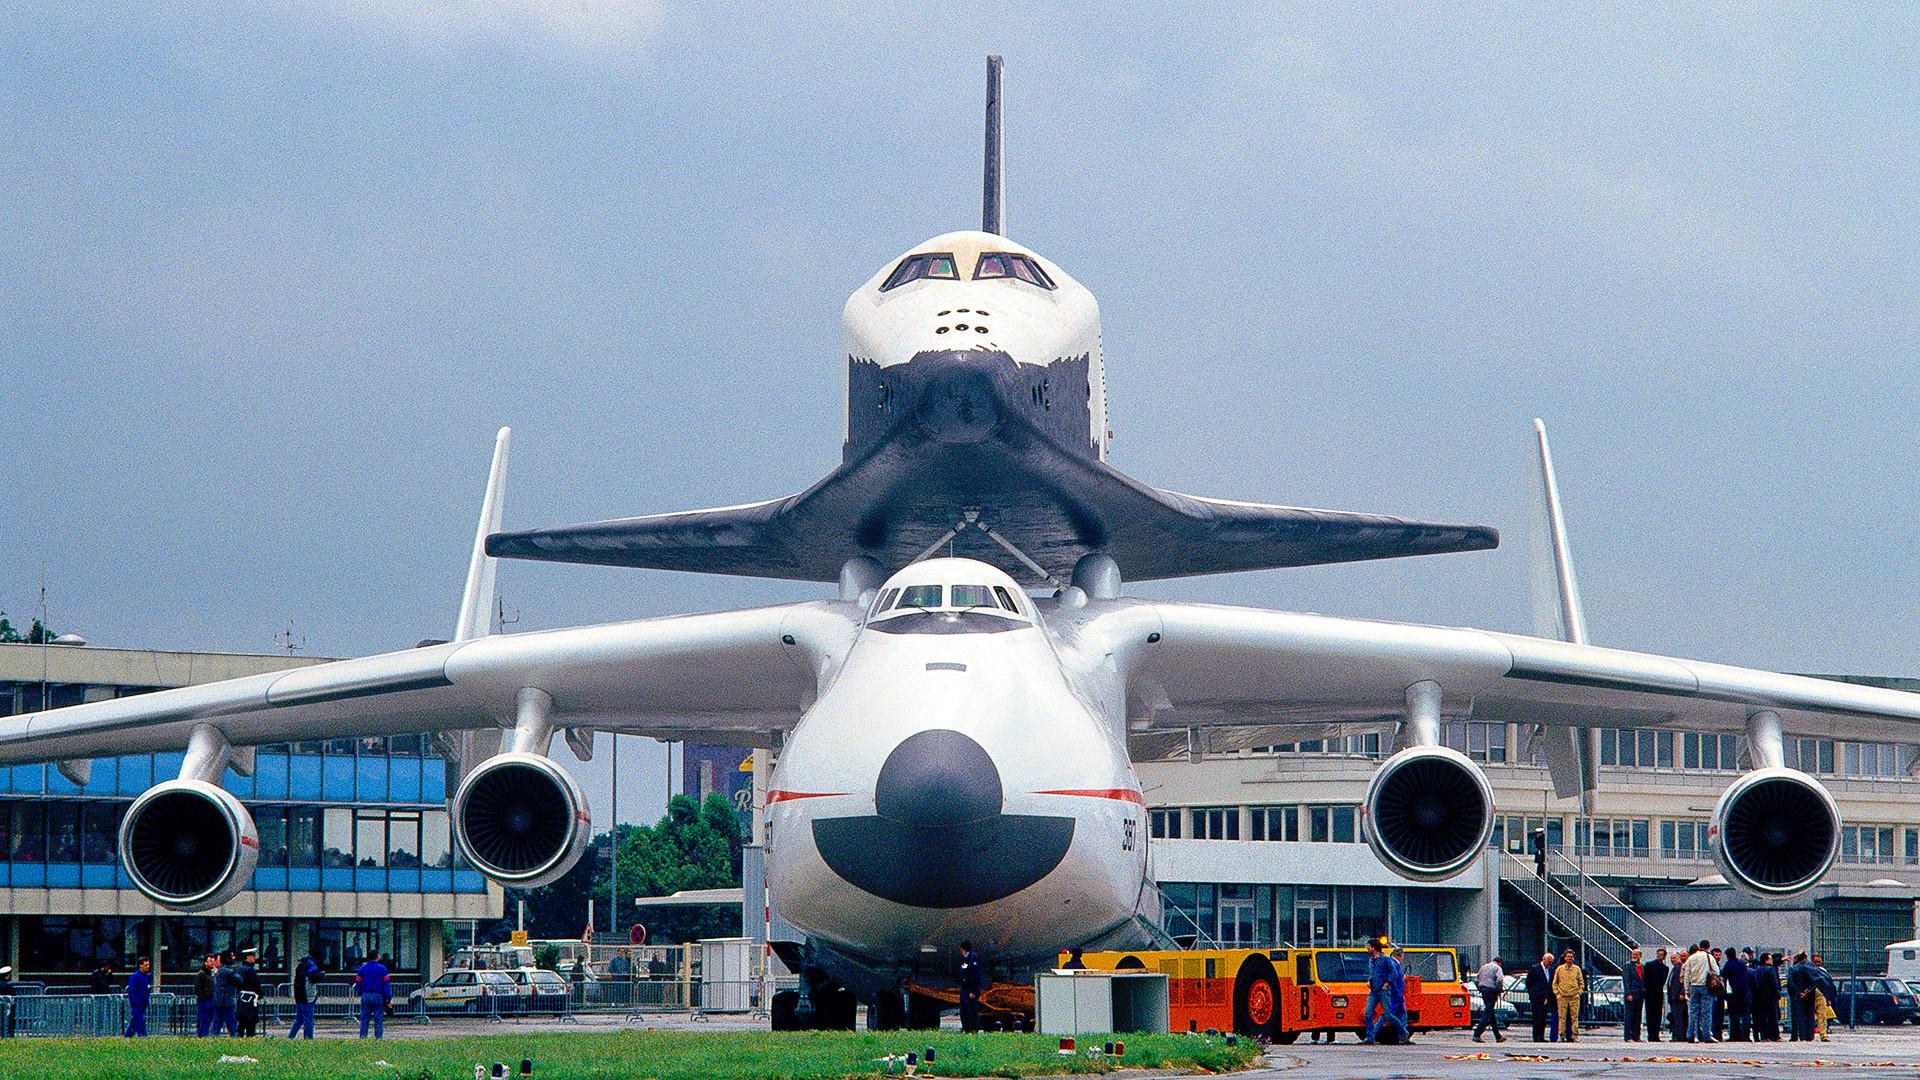 Antonov An-225 Mriya Cossack ditarik mobil penarik dan pendorong pesawat di Paris Airshow 1989 dengan pesawat ulang-alik Buran Soviet di punggungnya.